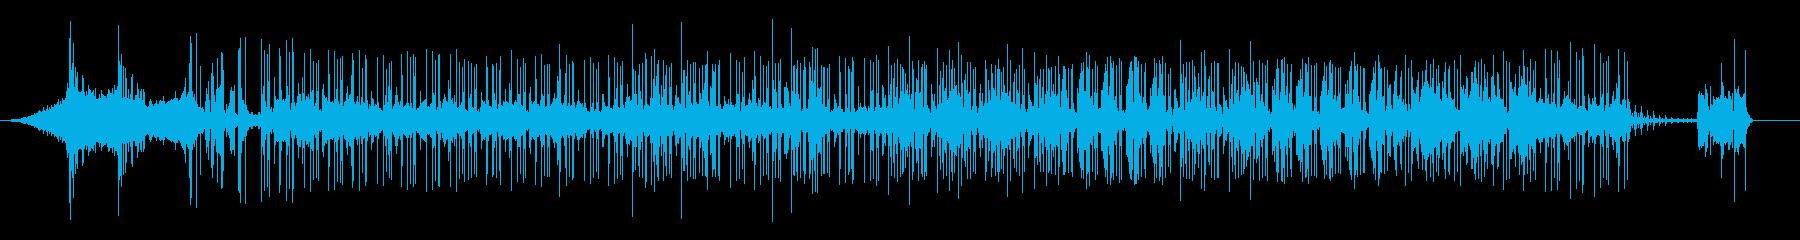 Hip Hopの再生済みの波形